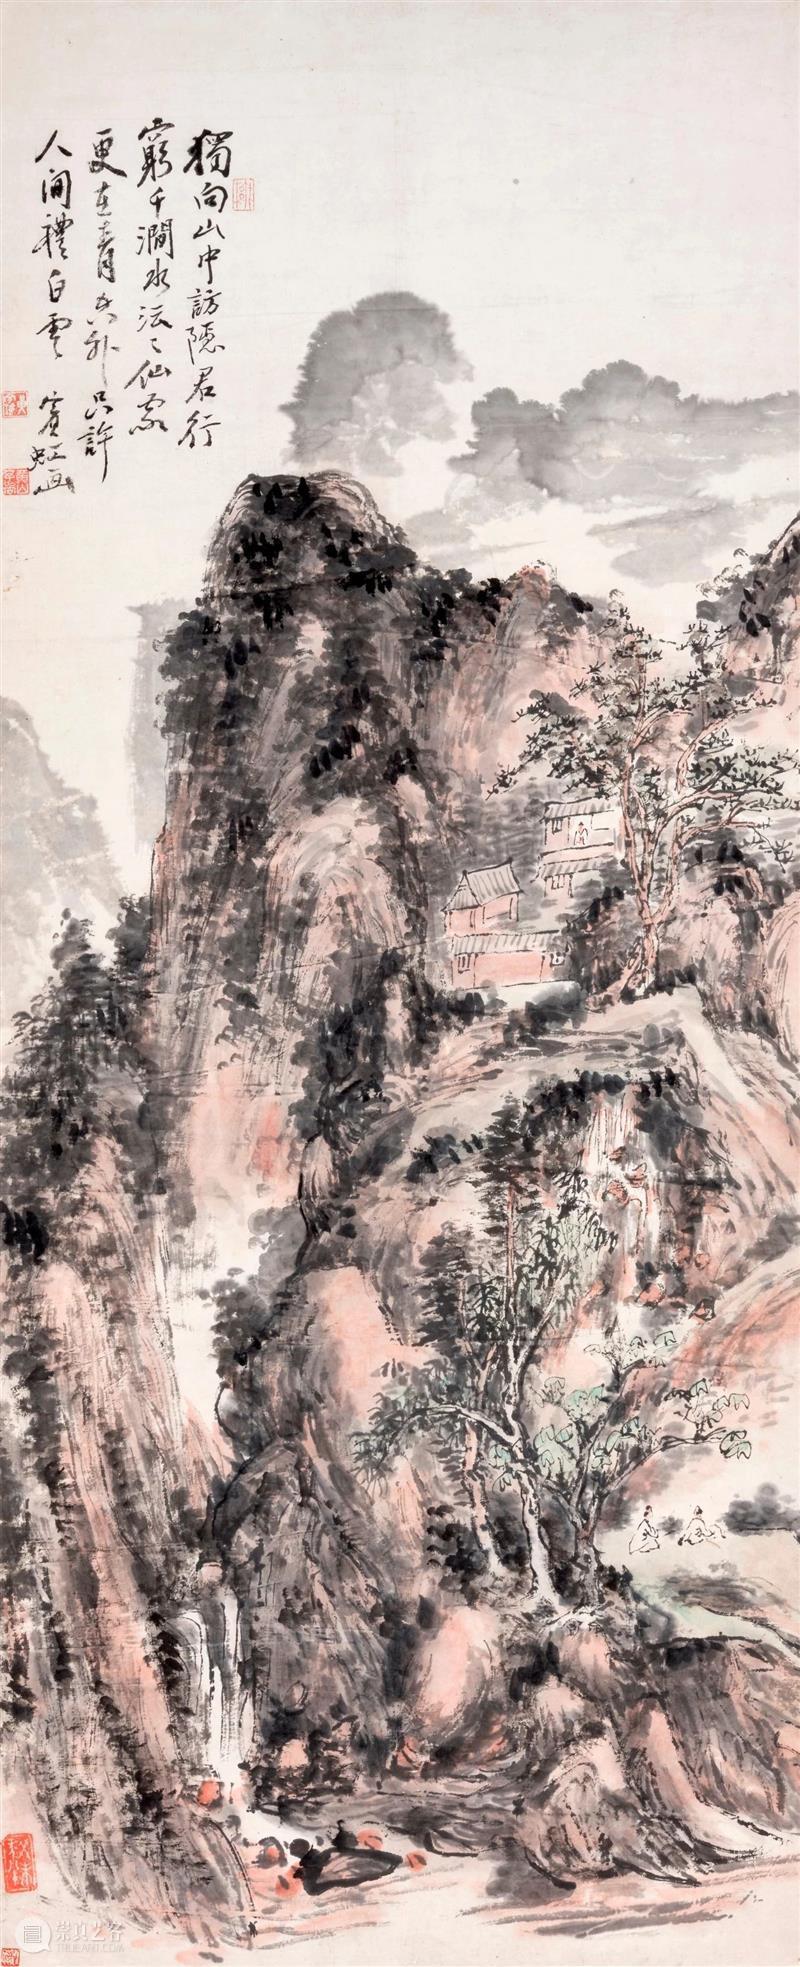 【嘉德香港•春拍】聚焦2021春拍,重磅拍品阵容正式亮相! 嘉德 香港 拍品 阵容 中国 拍卖会 香港会议展览中心 藏家 好友们 书画 崇真艺客